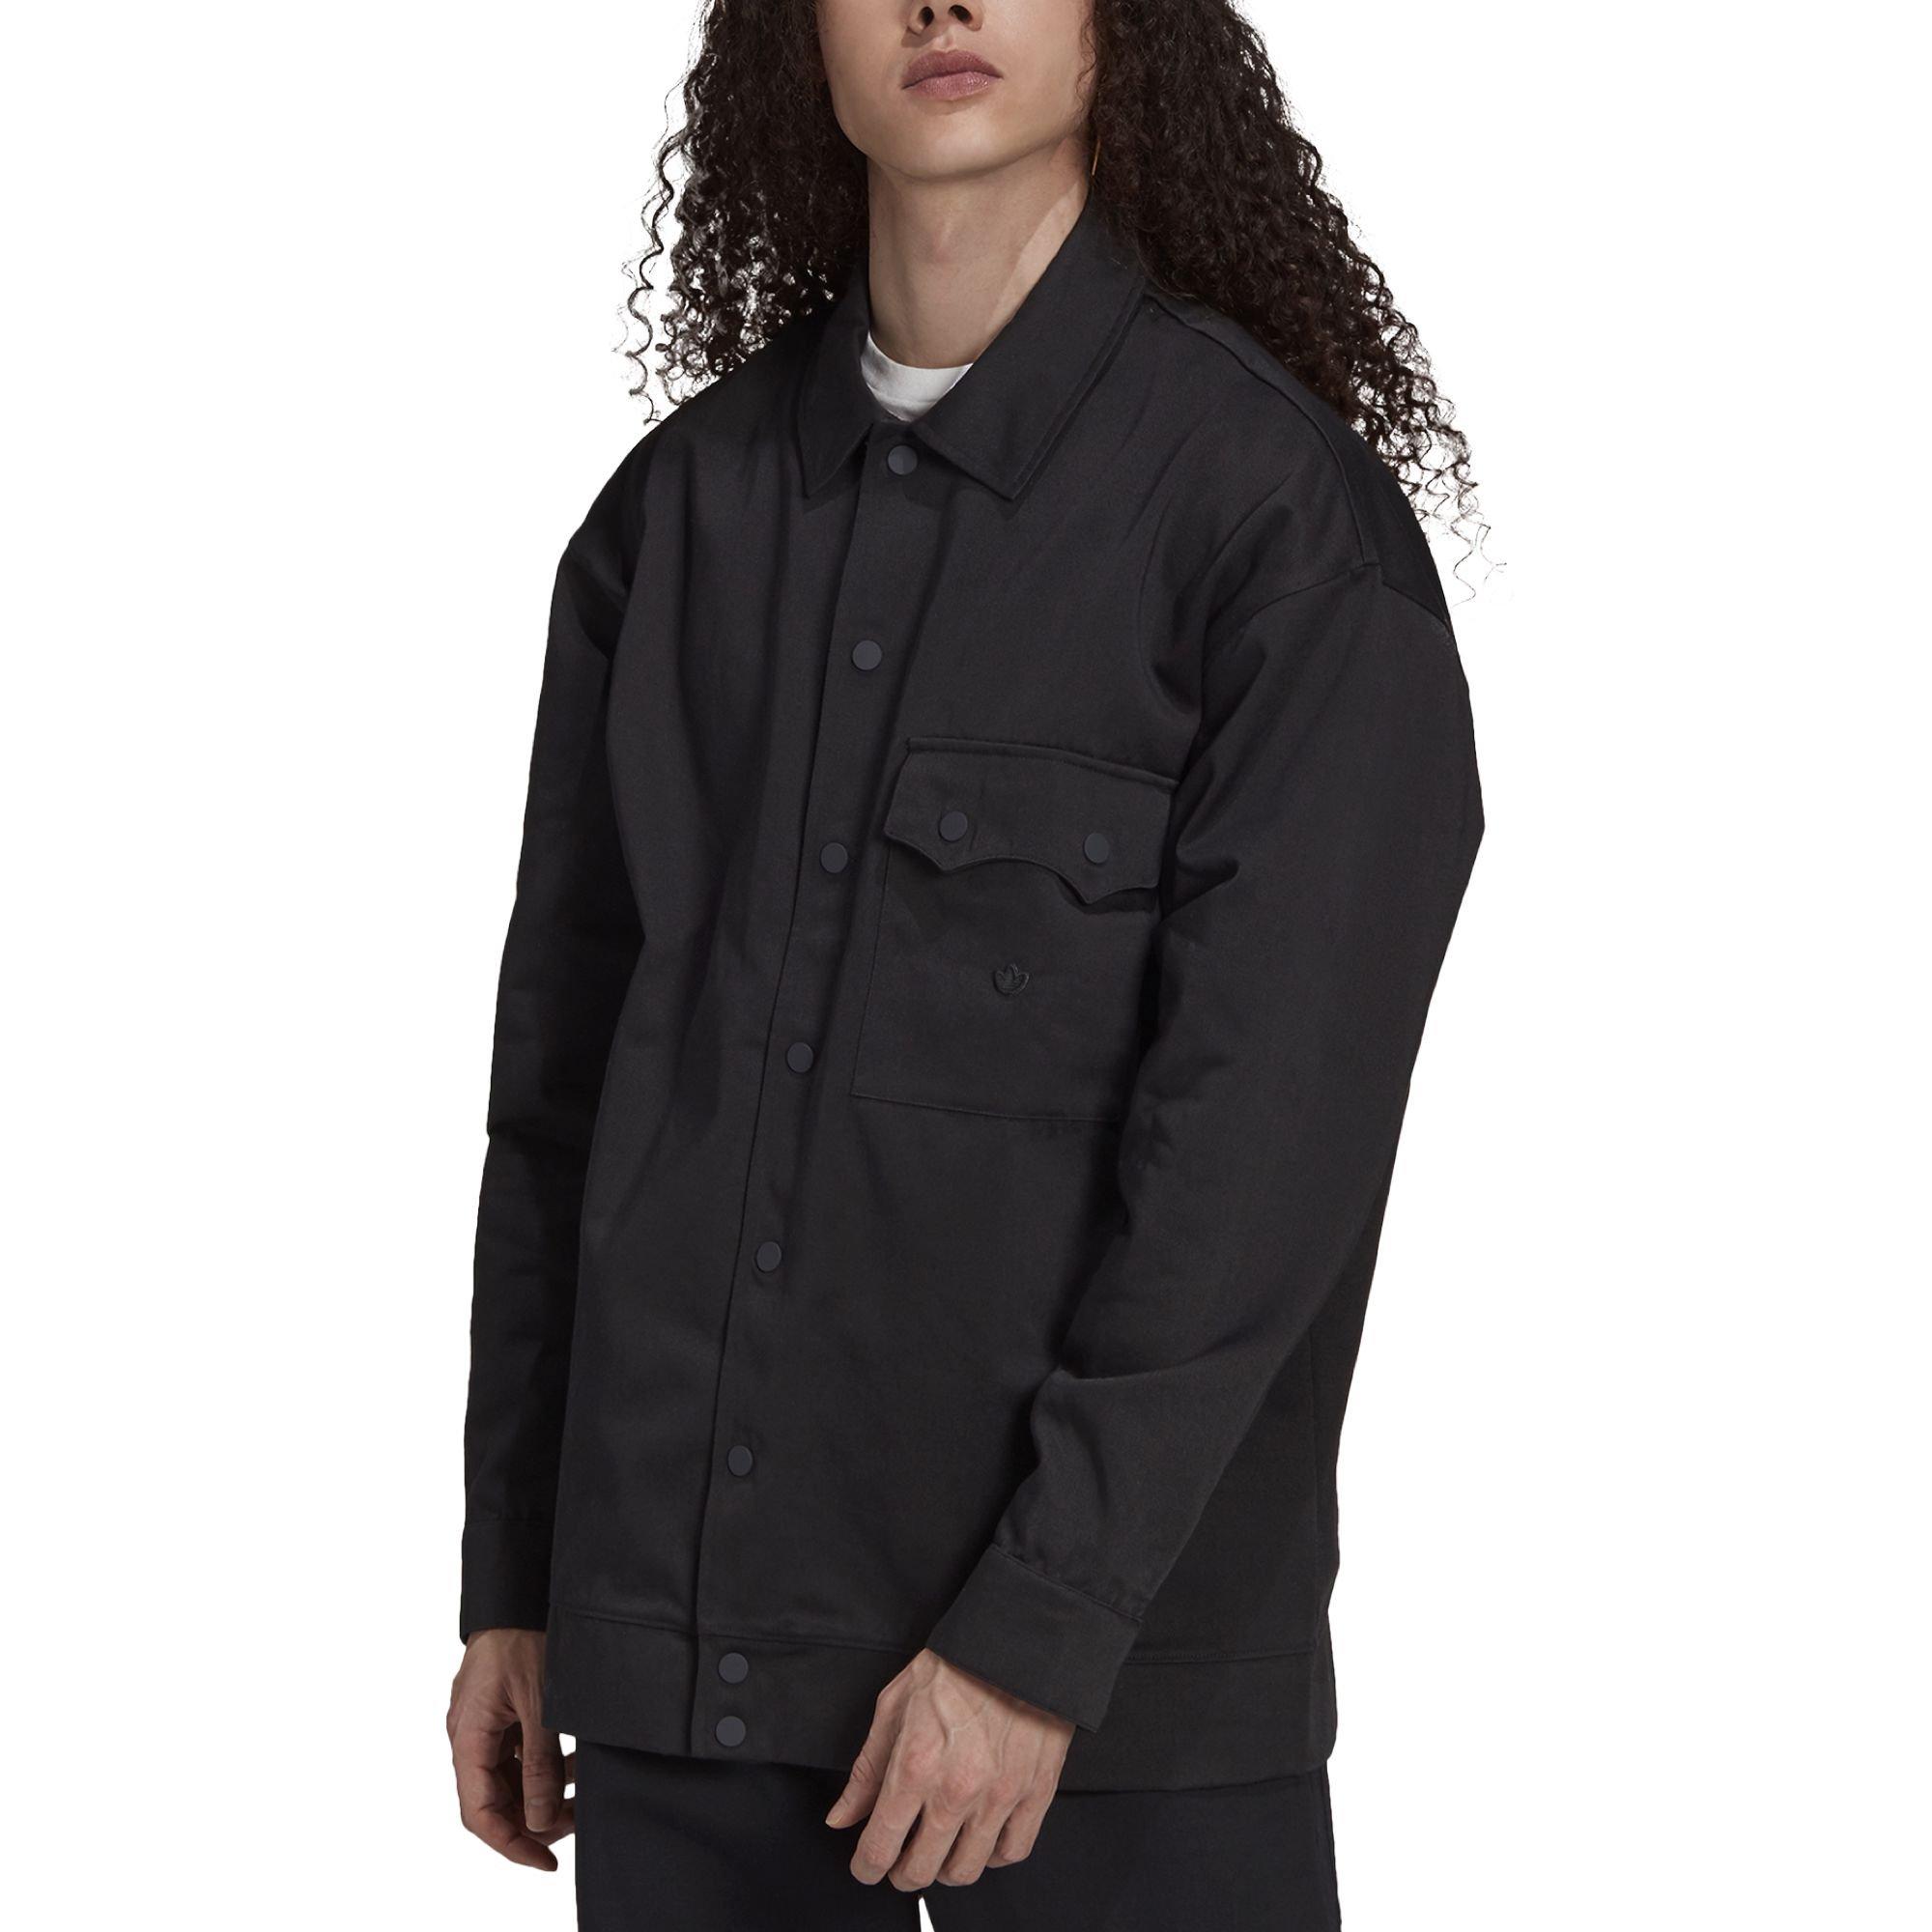 Adidas Adicolor Trefoil Jacket Twill black